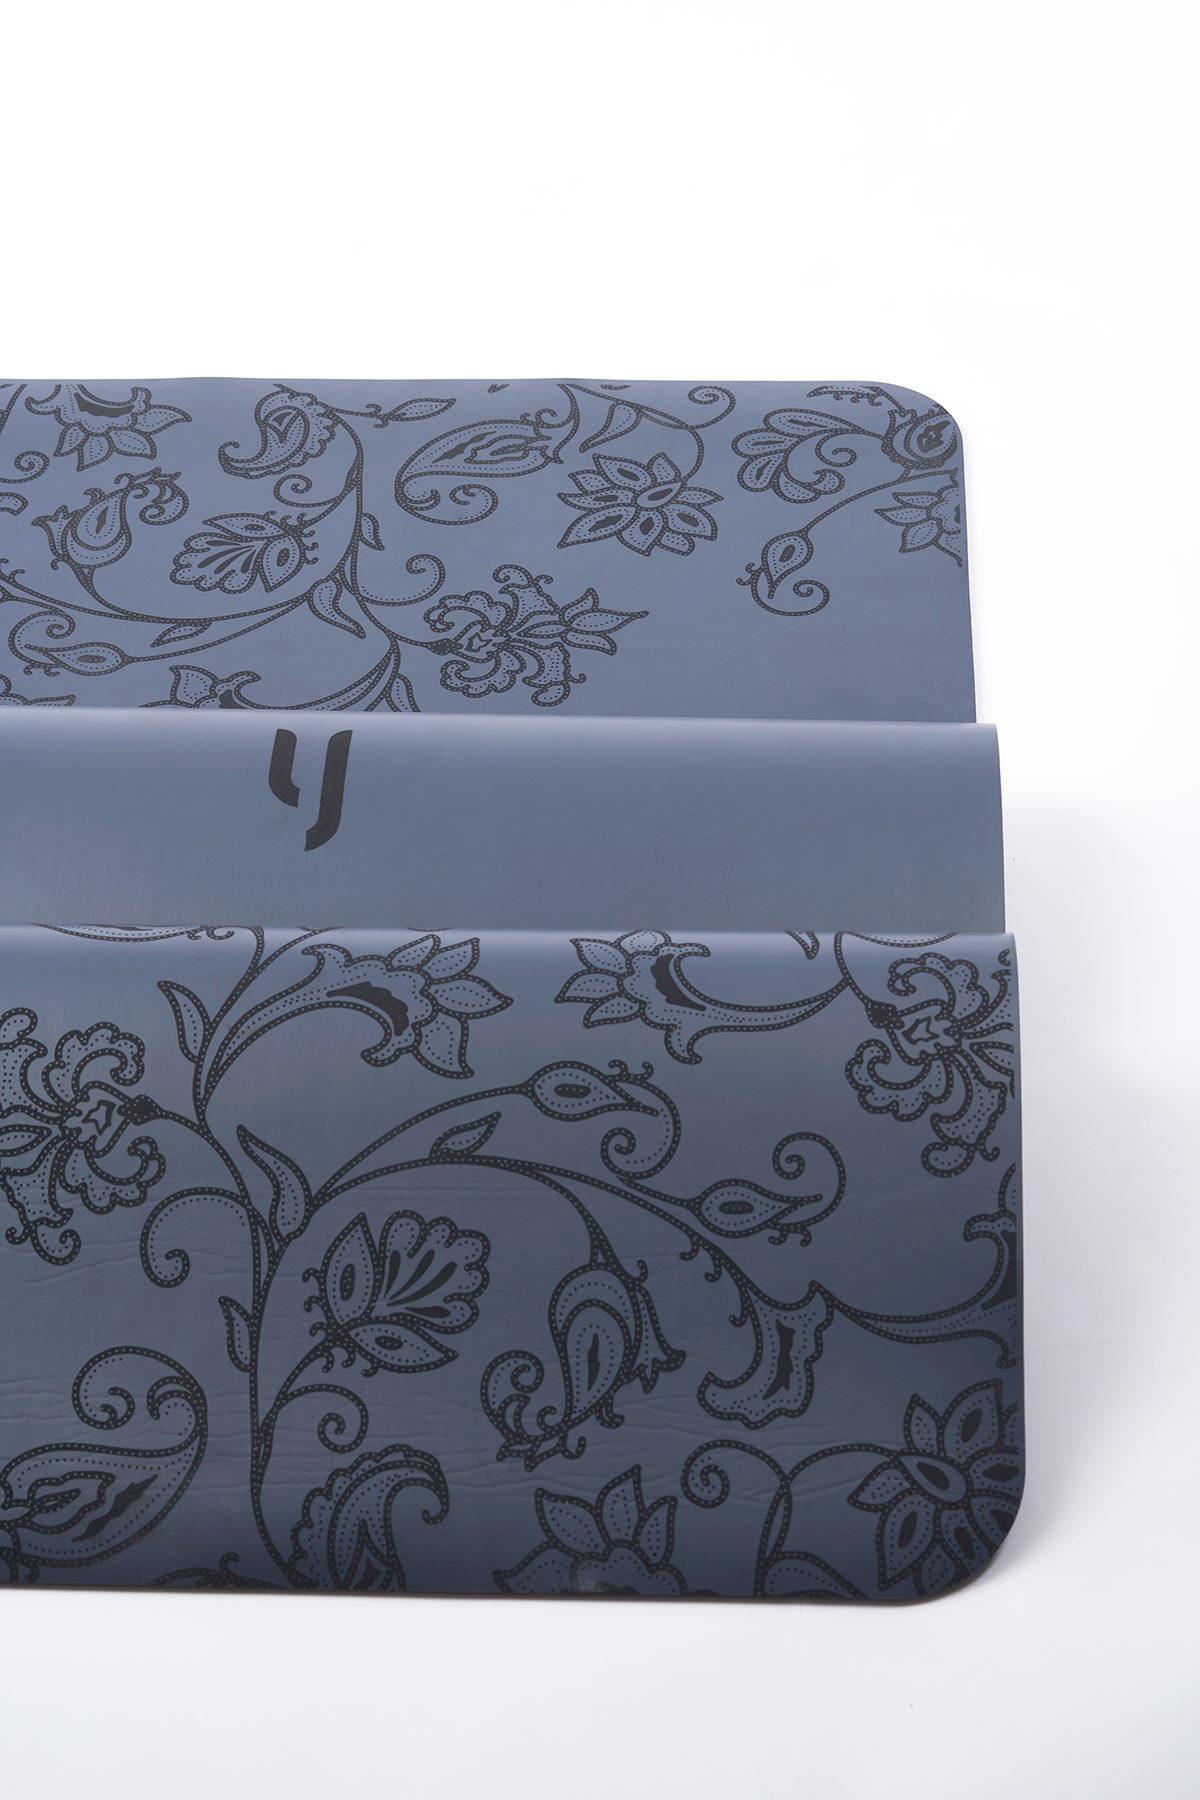 miPro Yoga Mat - Sarong Kebaya Edition 5mm